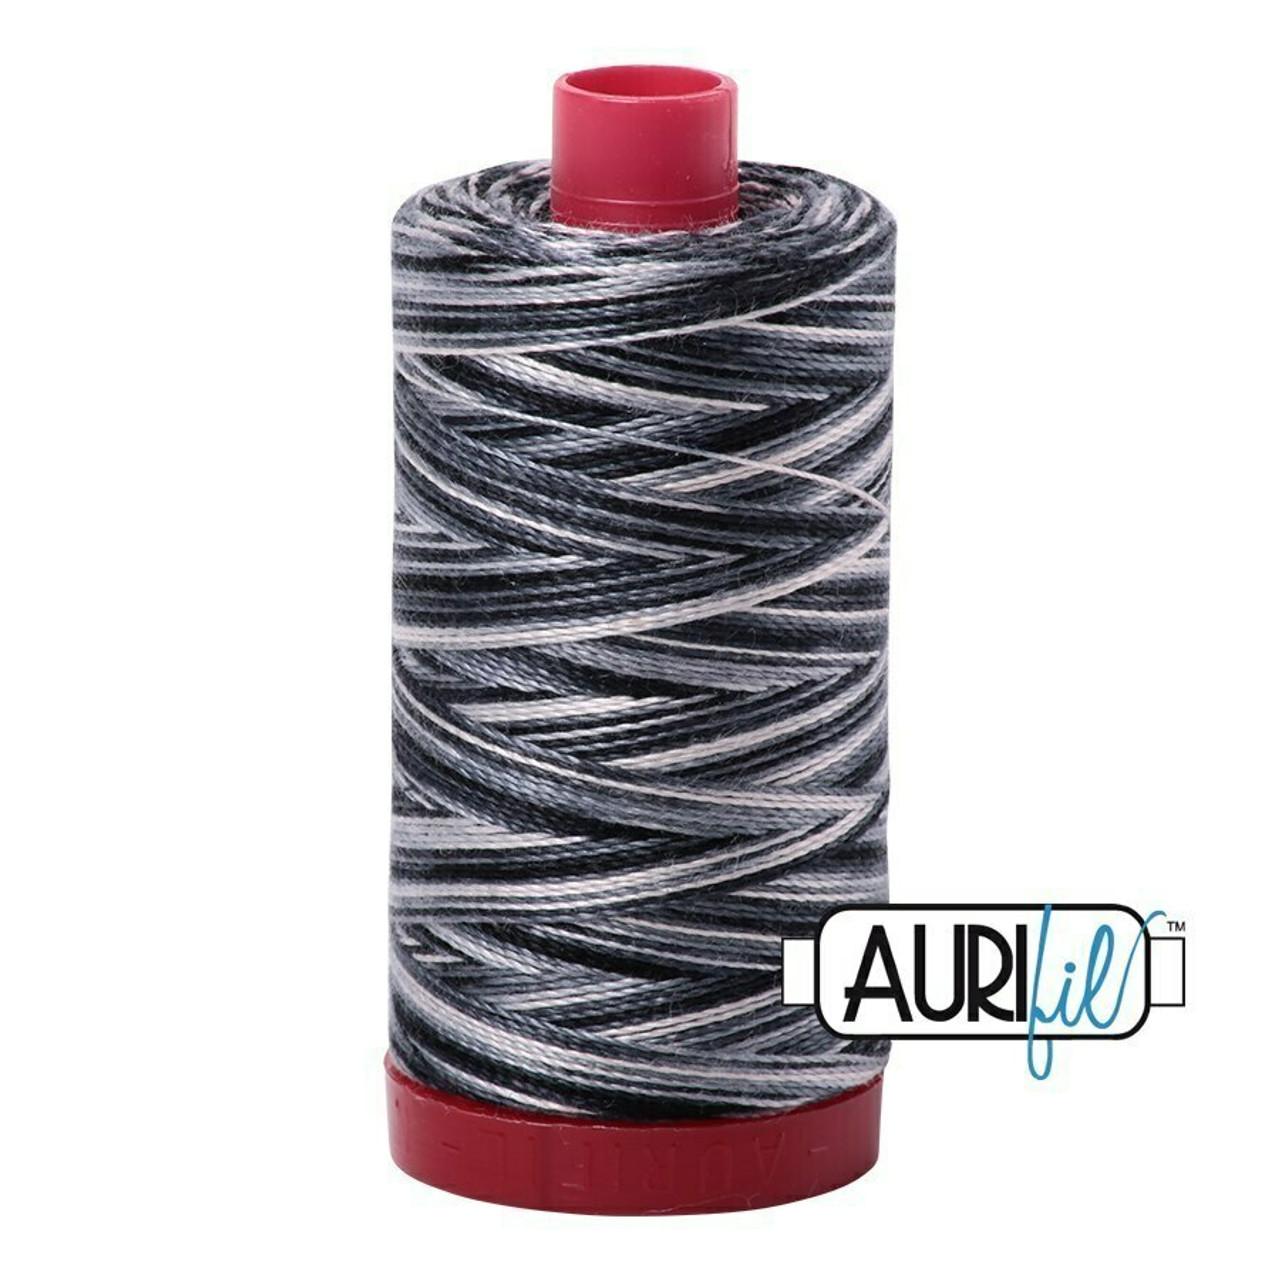 Aurifil 12wt Graphite (4665) thread